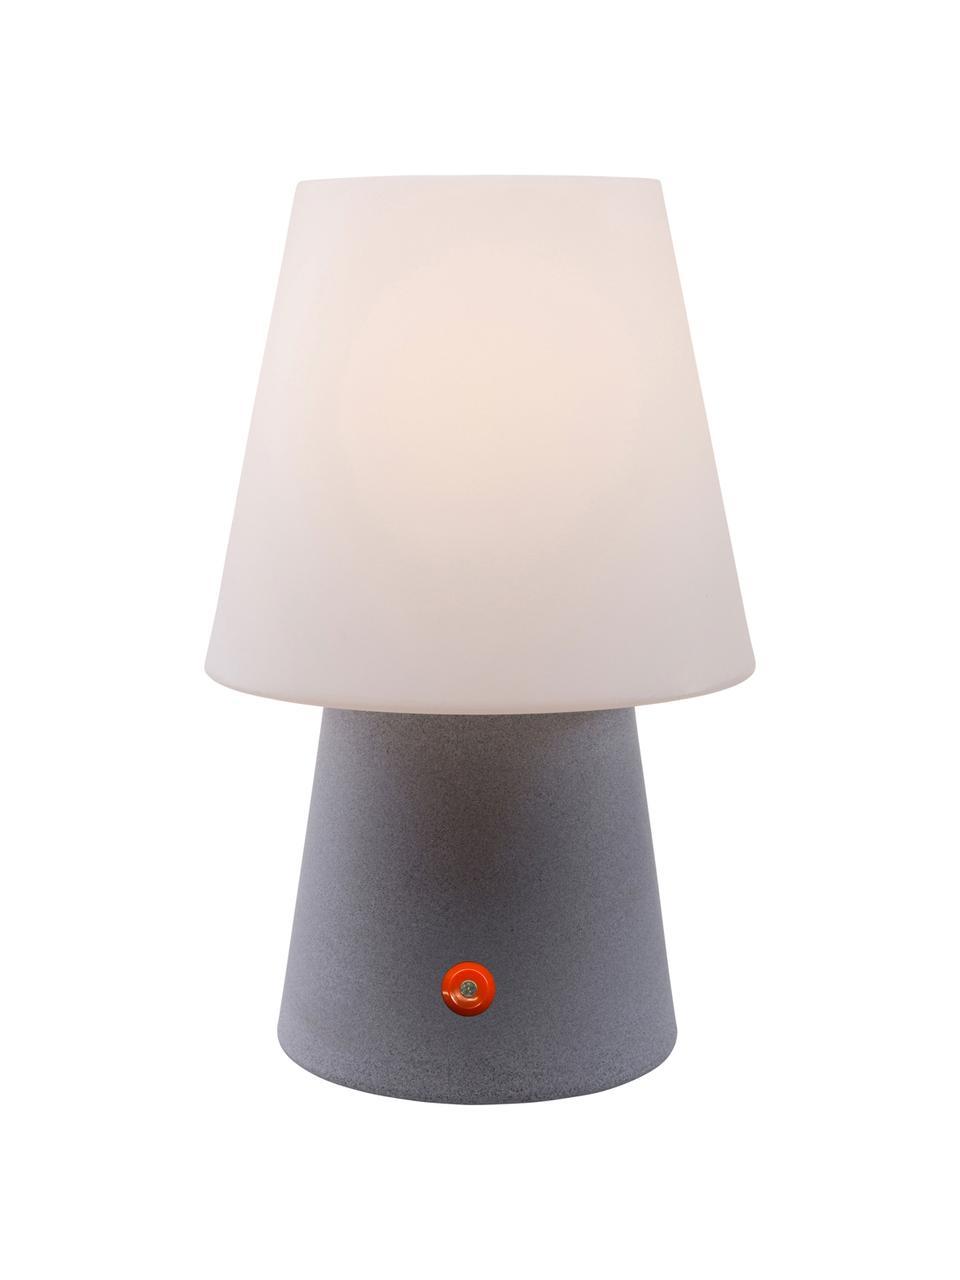 Venkovní přenosná LED lampa No. 1, Bílá, šedá